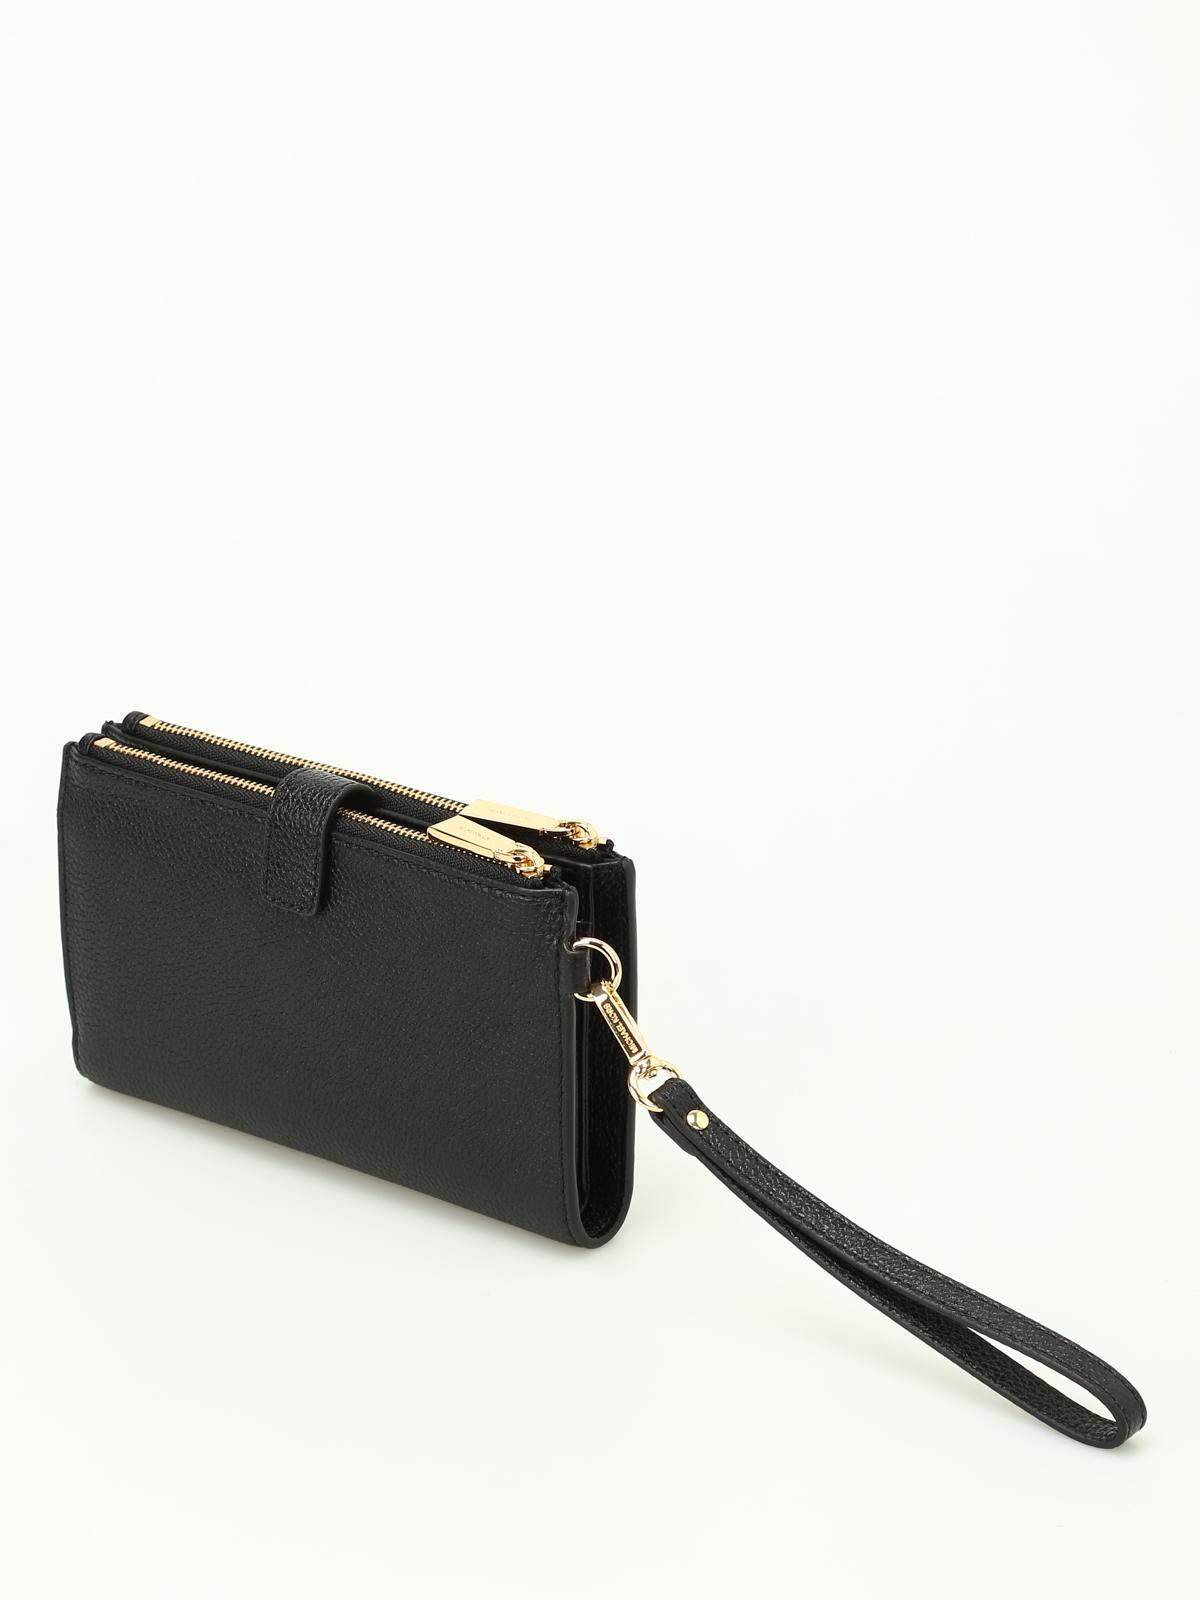 b500aa4a3b85 iKRIX MICHAEL KORS: wallets & purses - Adele black double zip wallet